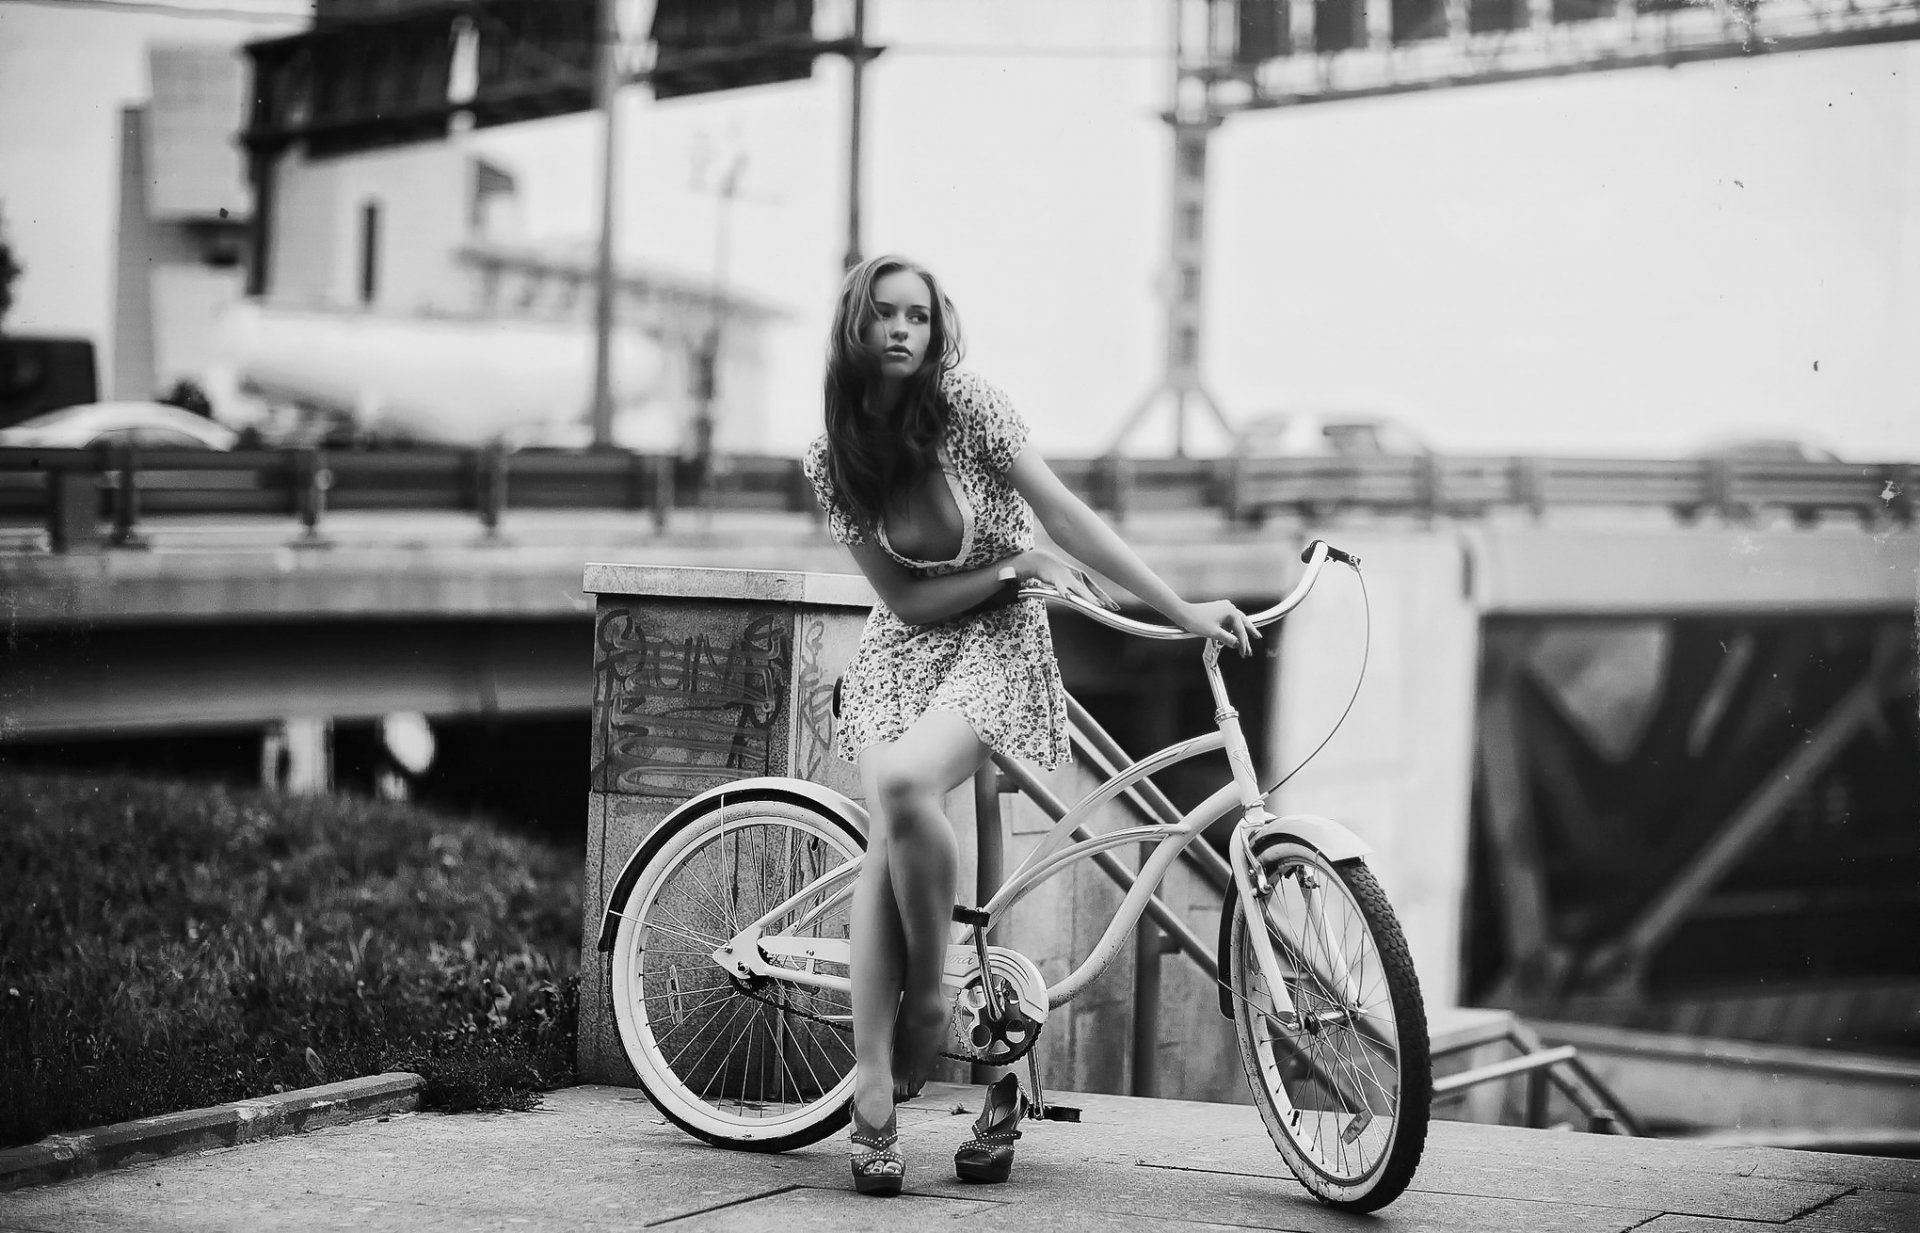 Велосипед Девушка Обои